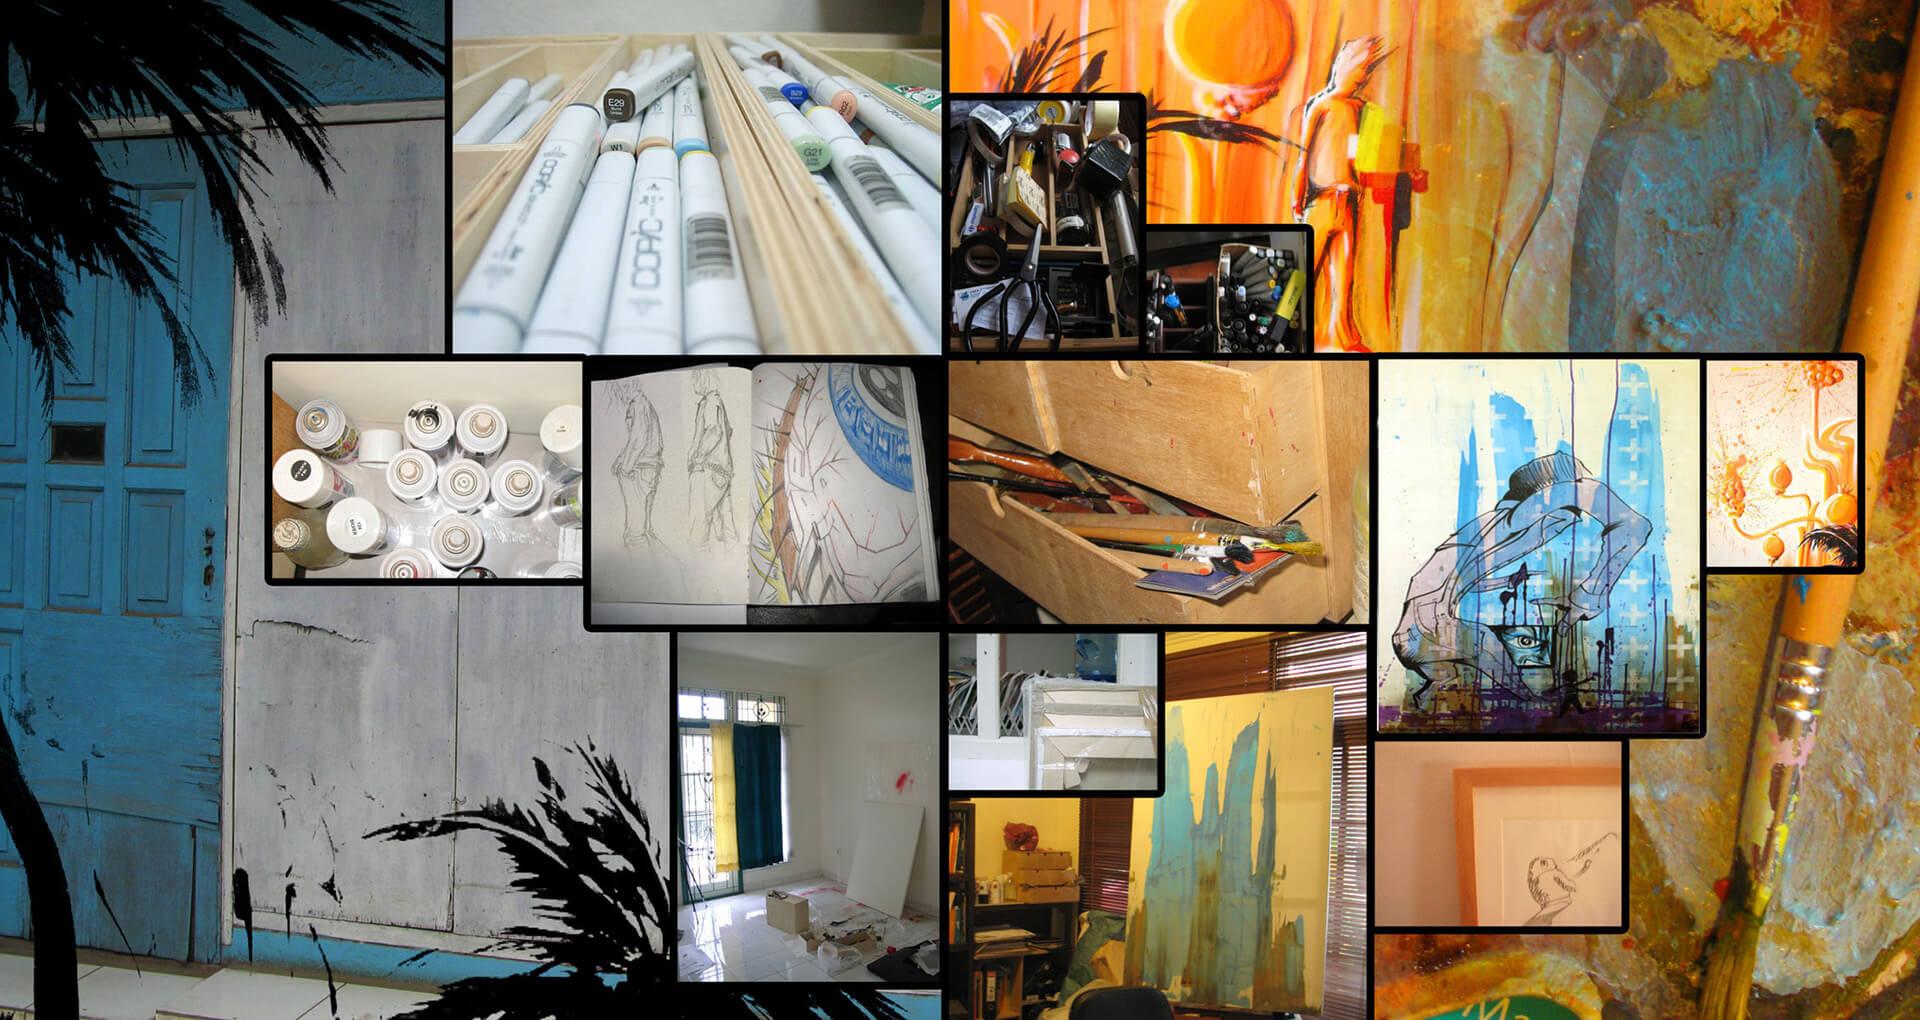 art artist street art illustrator gregor fenger paintings illustration cover street grafitti grafik gregor fenger 2